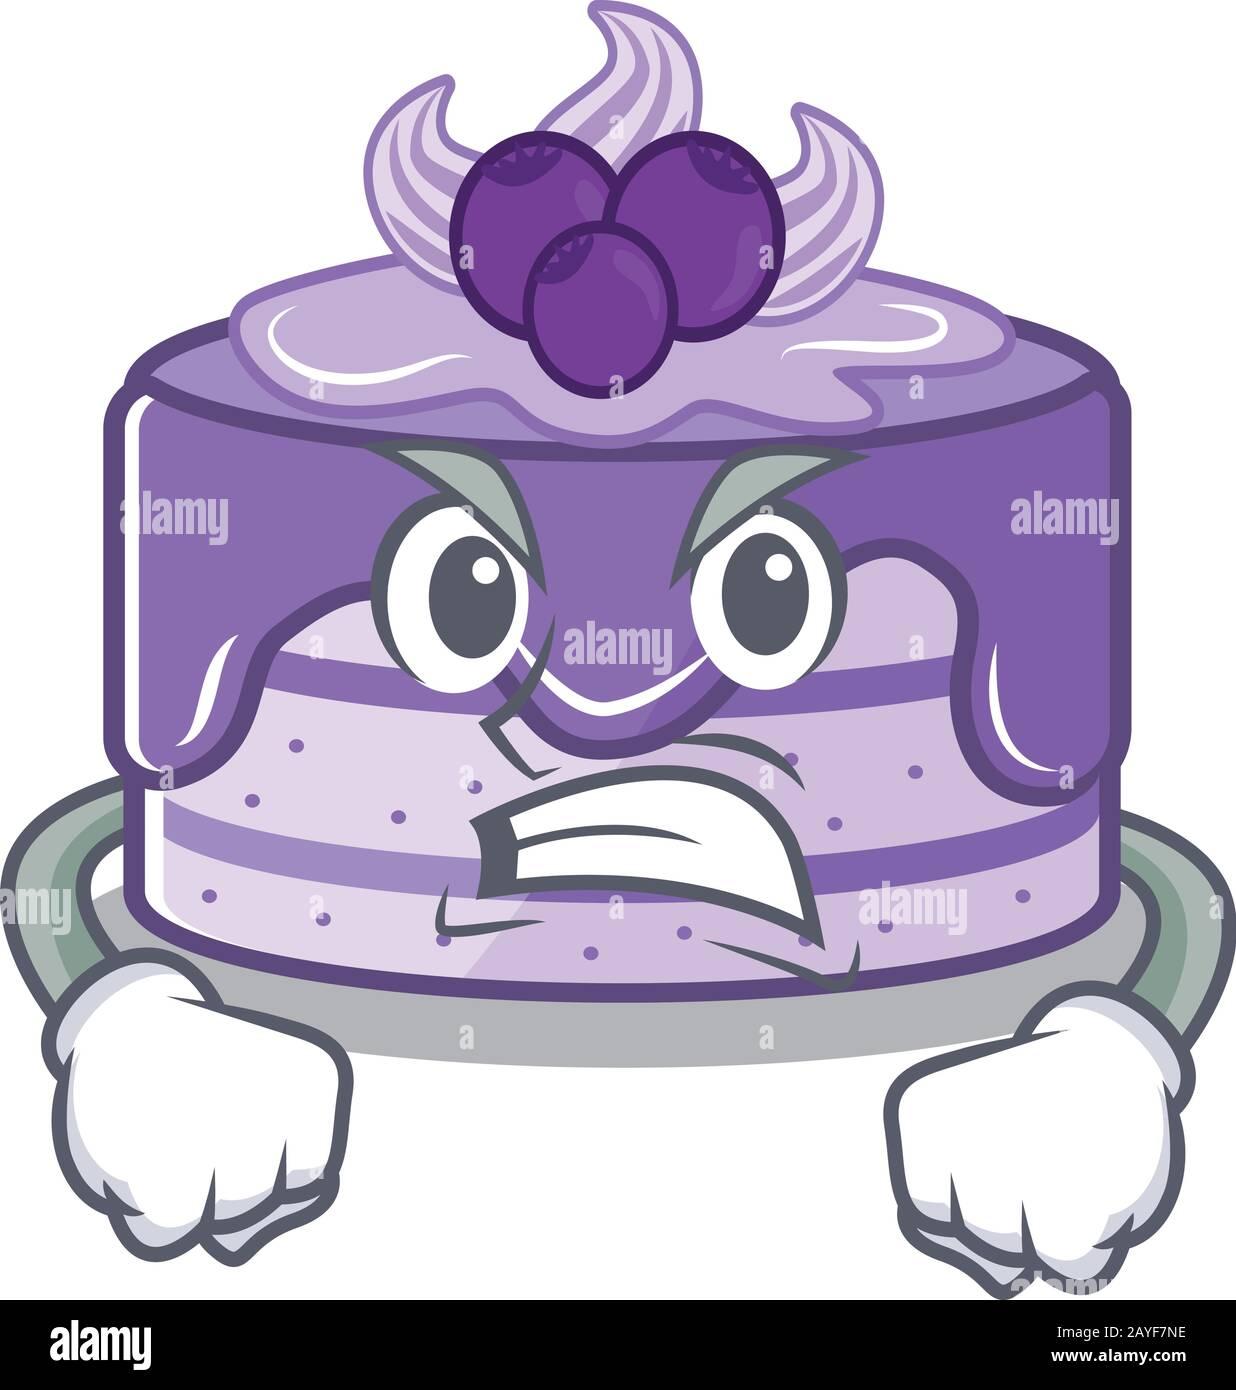 Gâteau aux bleuets dessin animé style personnage ayant le visage en colère Illustration de Vecteur